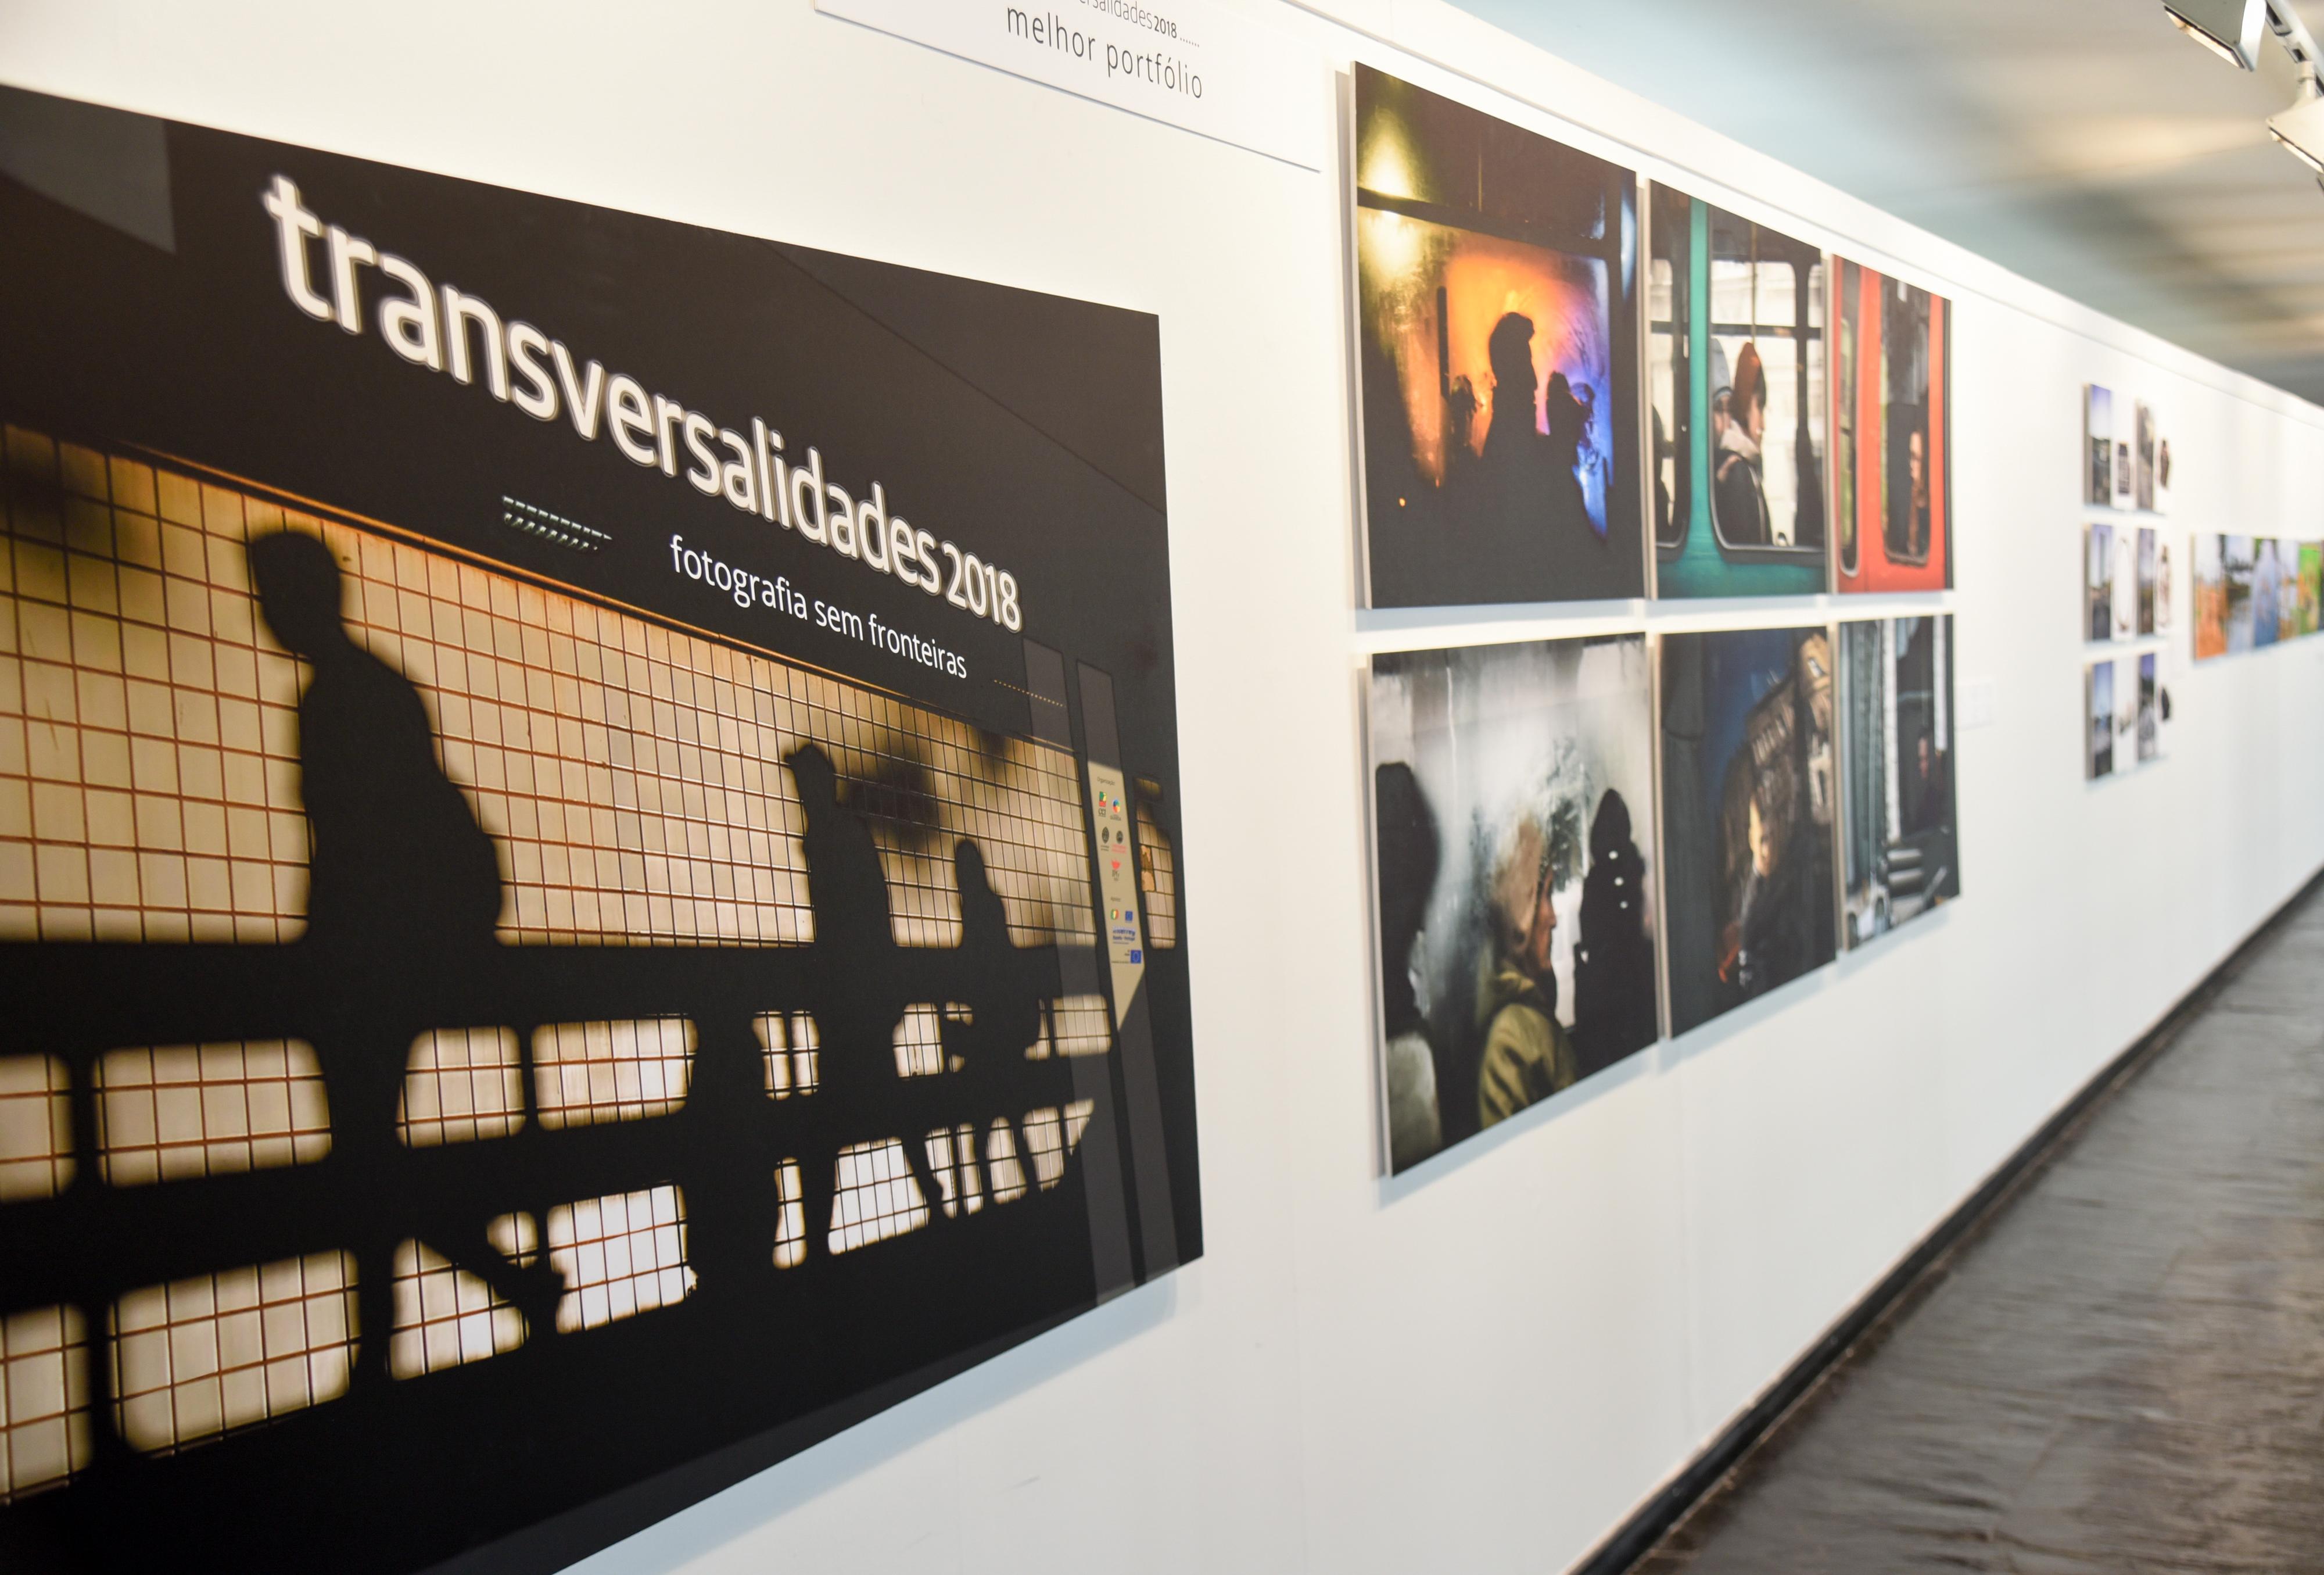 La USAL y la Junta de Castilla y León muestran las obras ganadoras del concurso anual de fotografía 'Transversalidades. Fotografía sin fronteras'